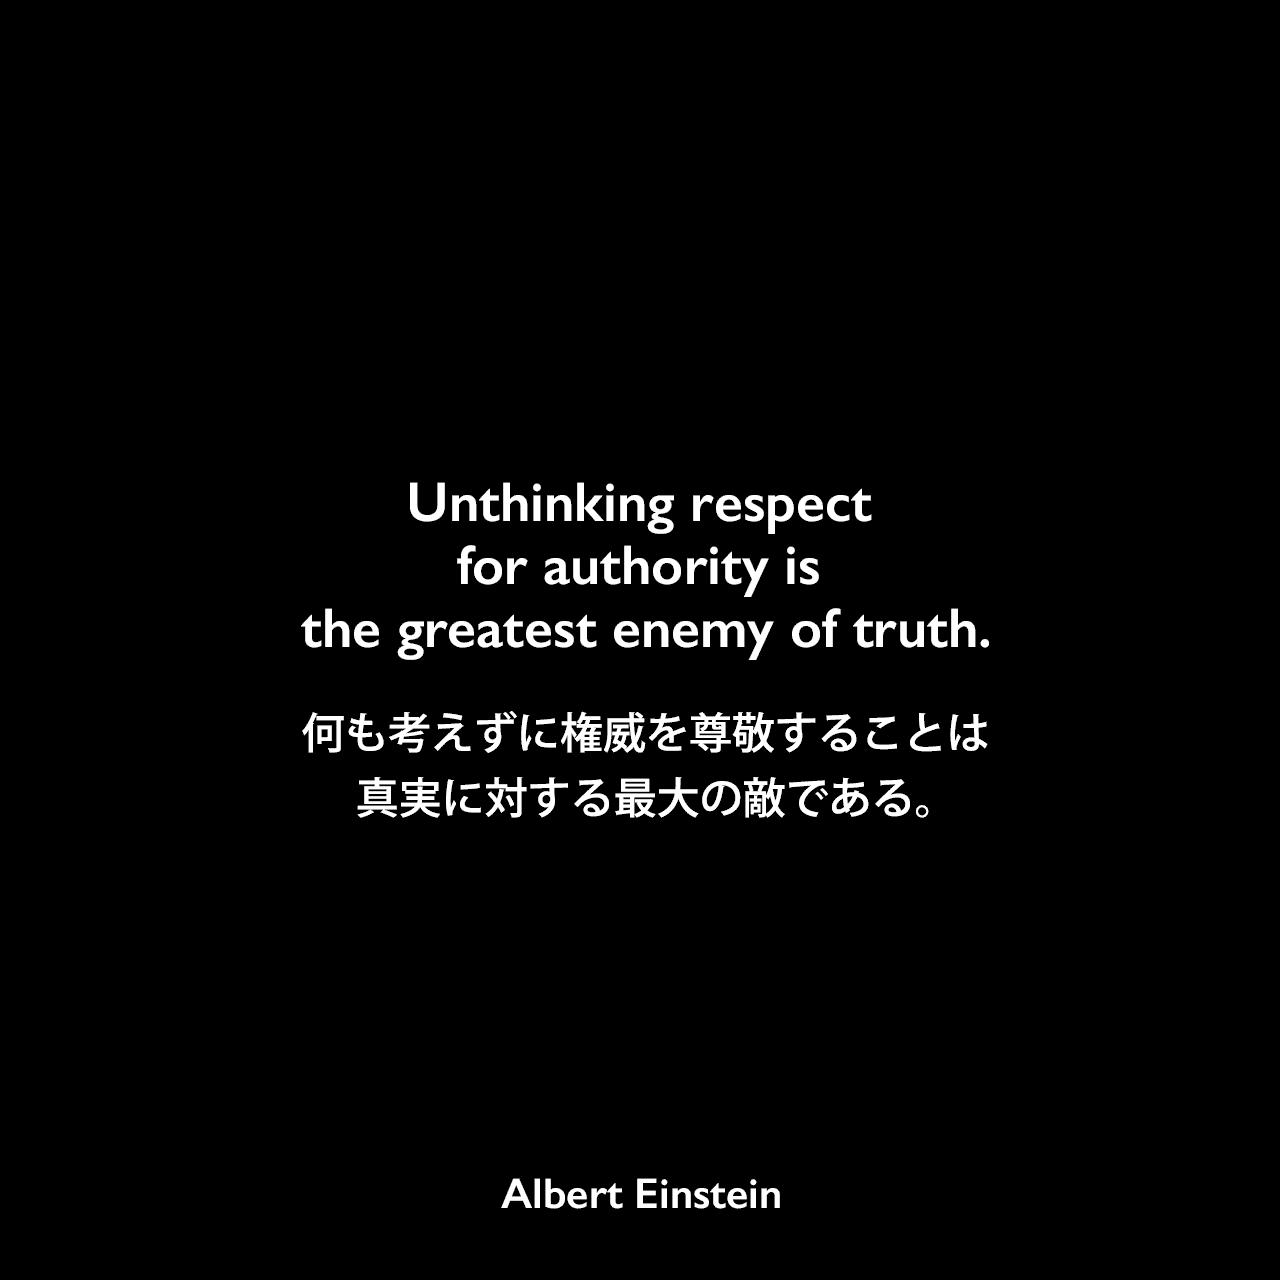 Unthinking respect for authority is the greatest enemy of truth.何も考えずに権威を尊敬することは、真実に対する最大の敵である。- Jost Wintelerに宛てたアインシュタイン の手紙(1901年7月8日)よりAlbert Einstein